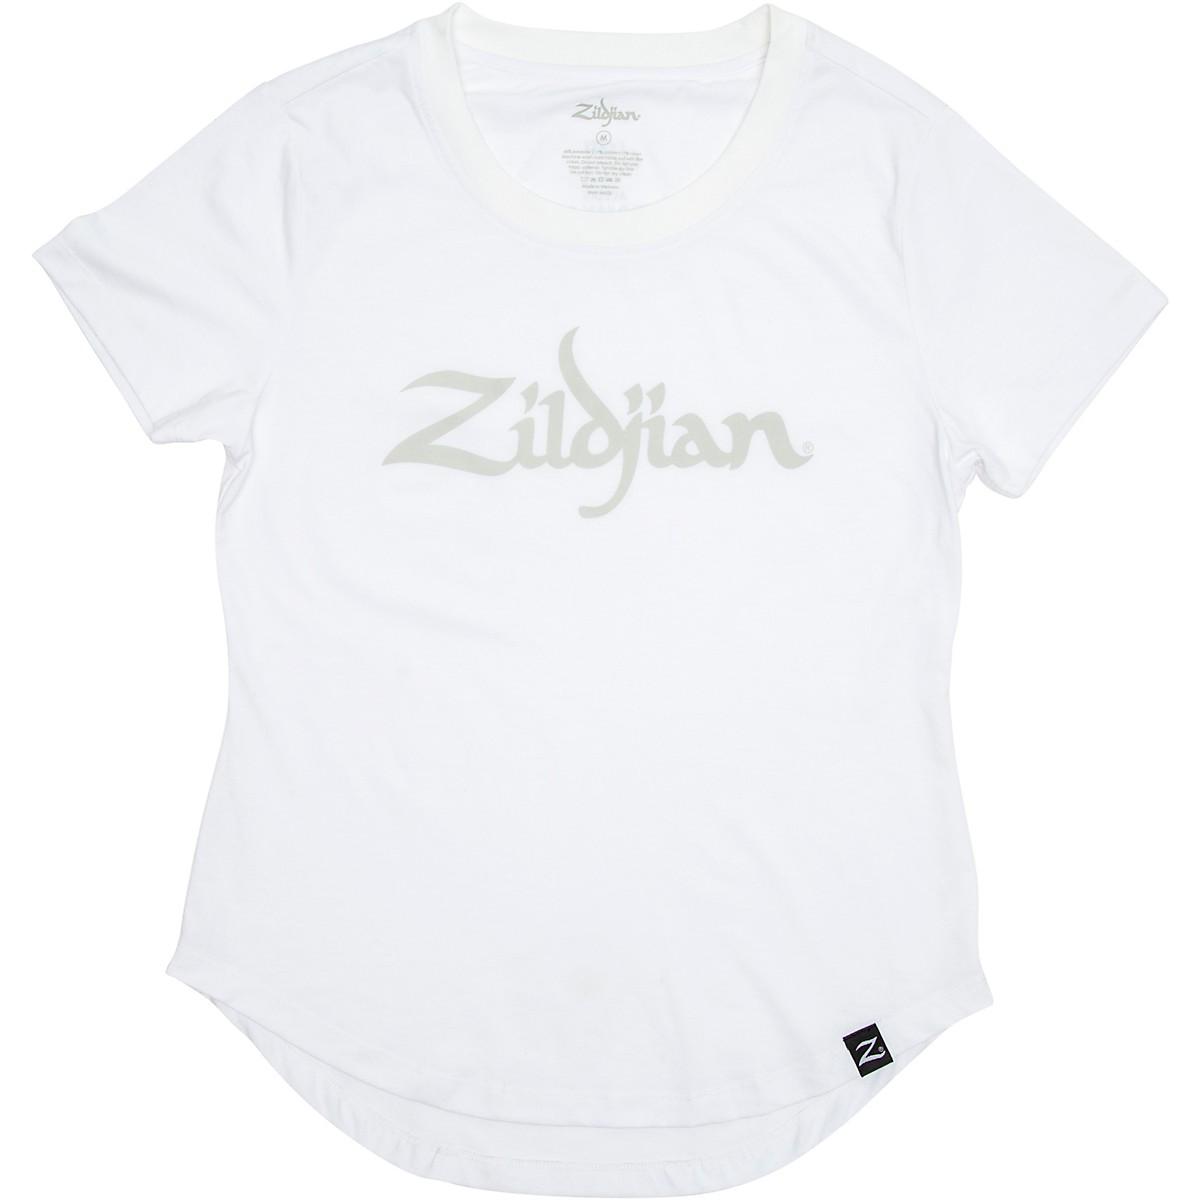 Zildjian Women's Logo Tee, White